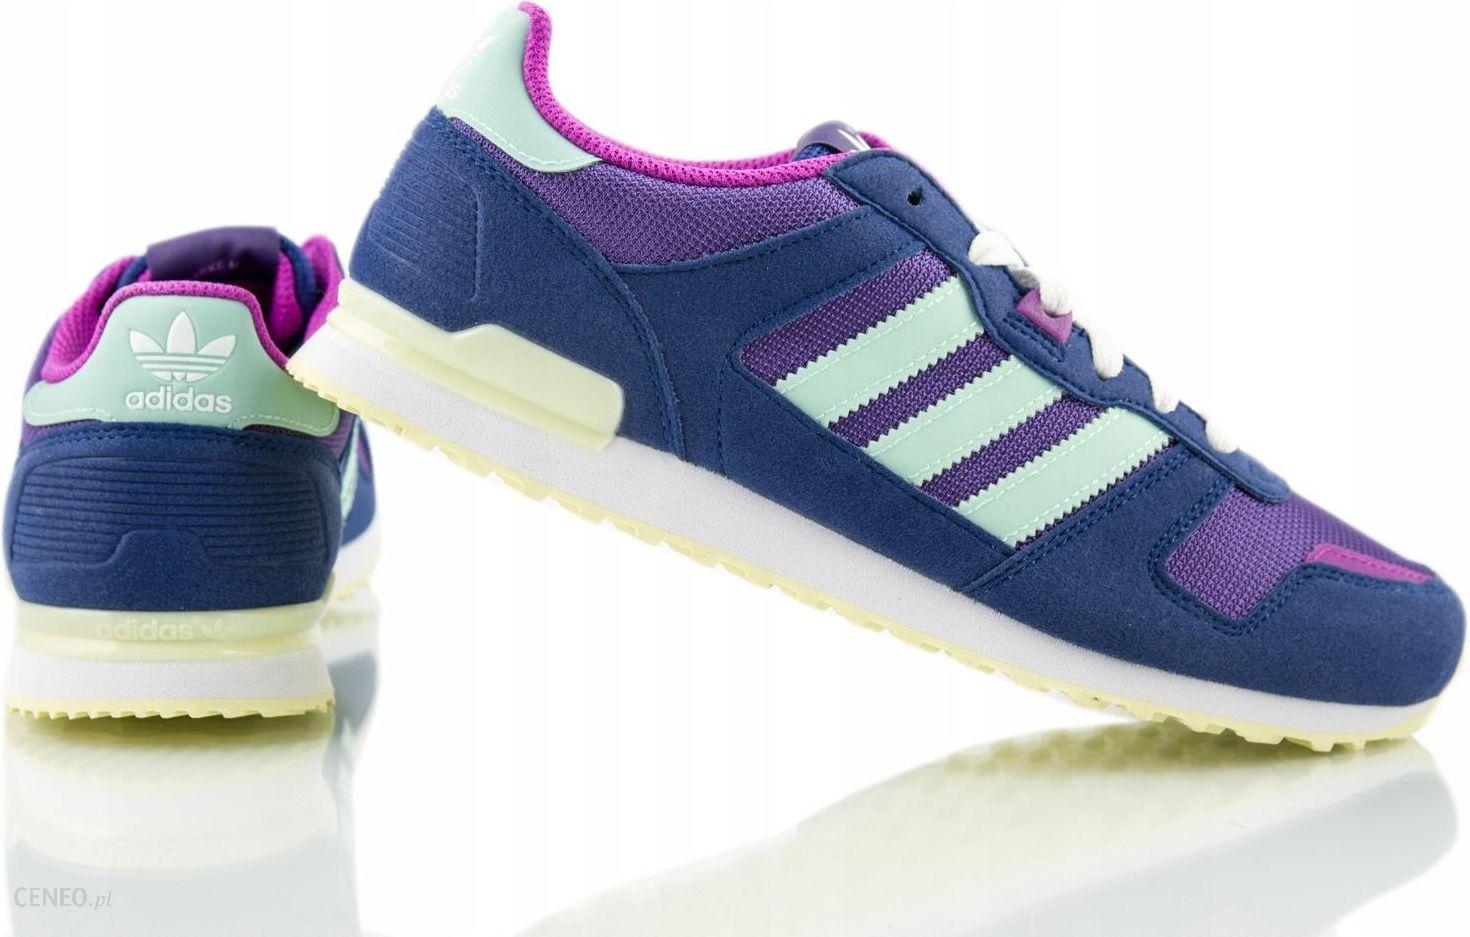 Buty Adidas damskie sportowe do biegania 38 Ceny i opinie Ceneo.pl